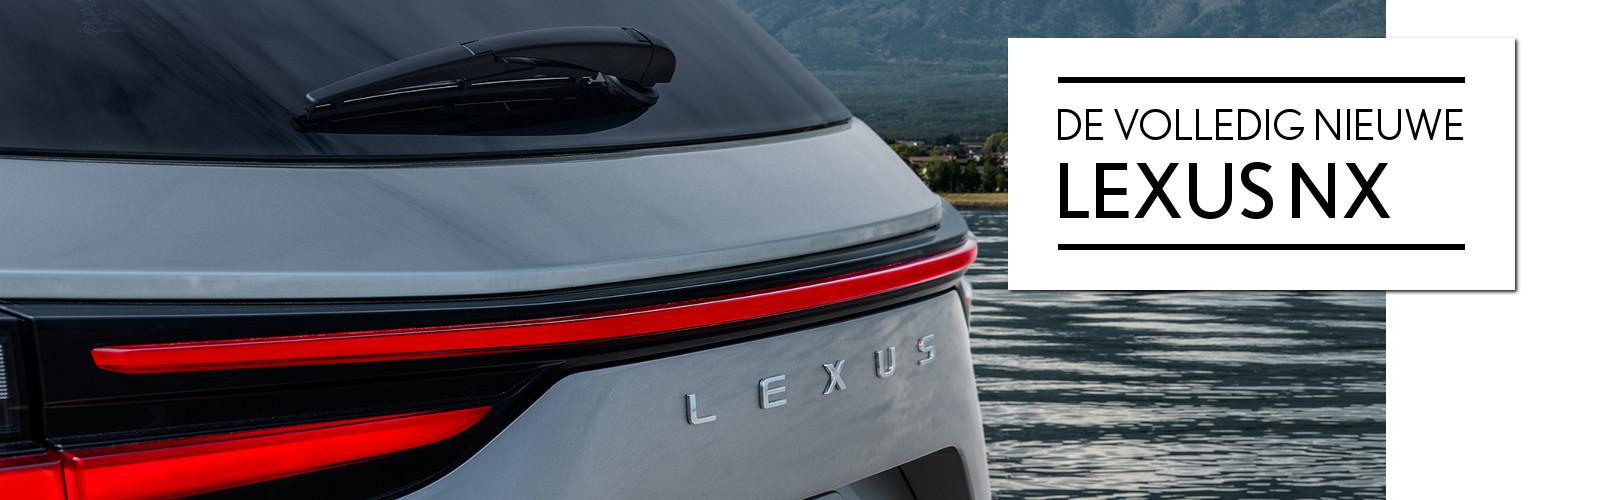 Lexus Sittard modellen - de nieuwe Lexus NX 2021